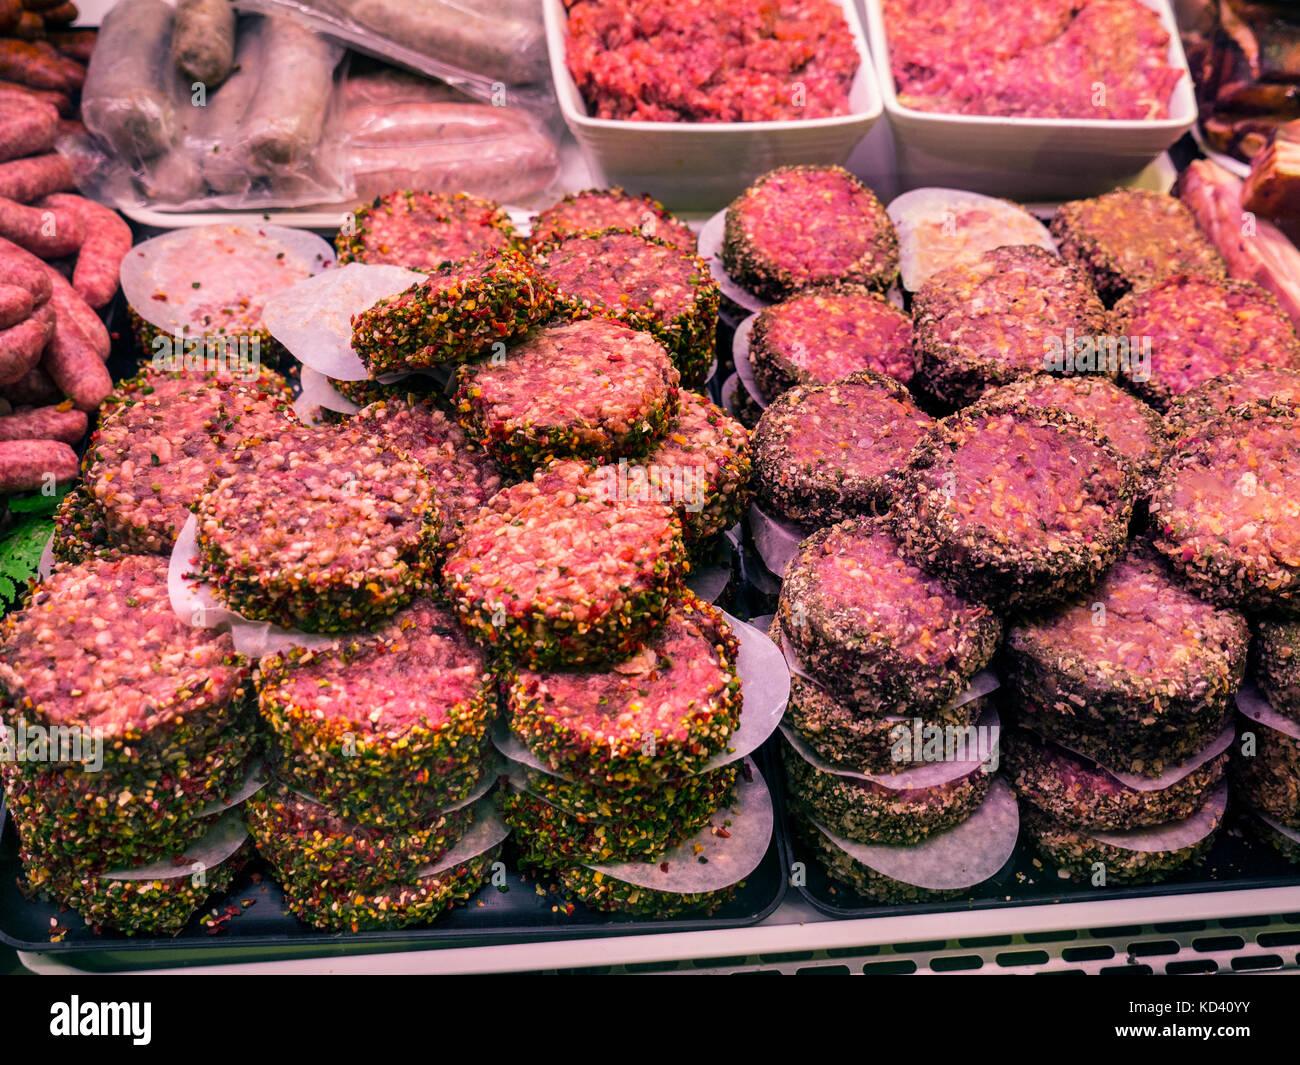 Concepto El consumo de carne cruda, hamburguesas de vacuno carne picada y salchichas en la pantalla para la venta Imagen De Stock